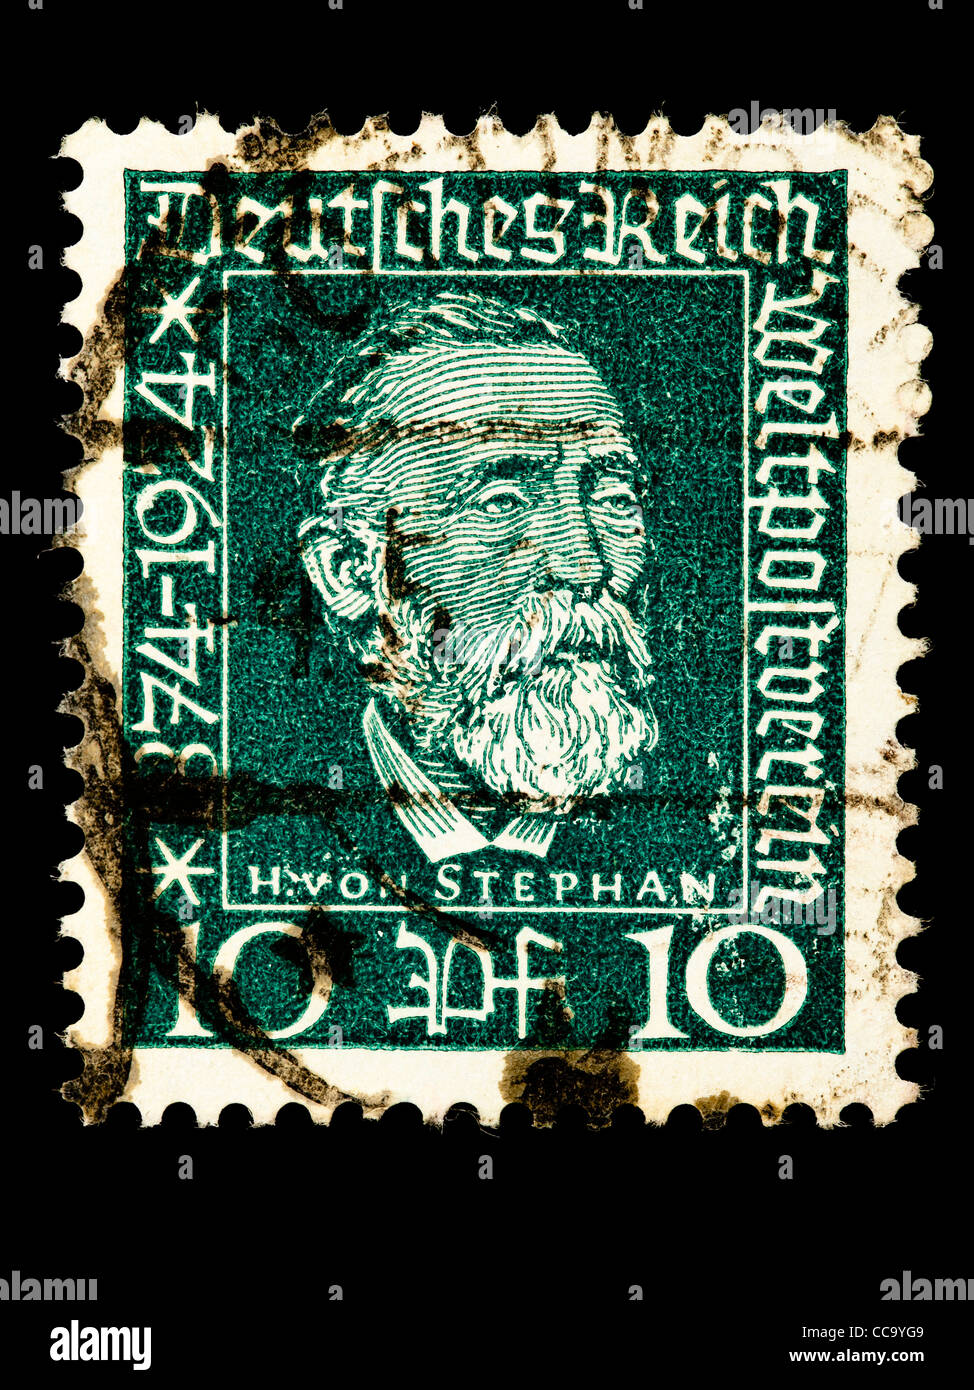 Postage stamp: German Reich, H. v. Stephan, Weltpostverein, 10 Pfennig, 1924, stamped Stock Photo